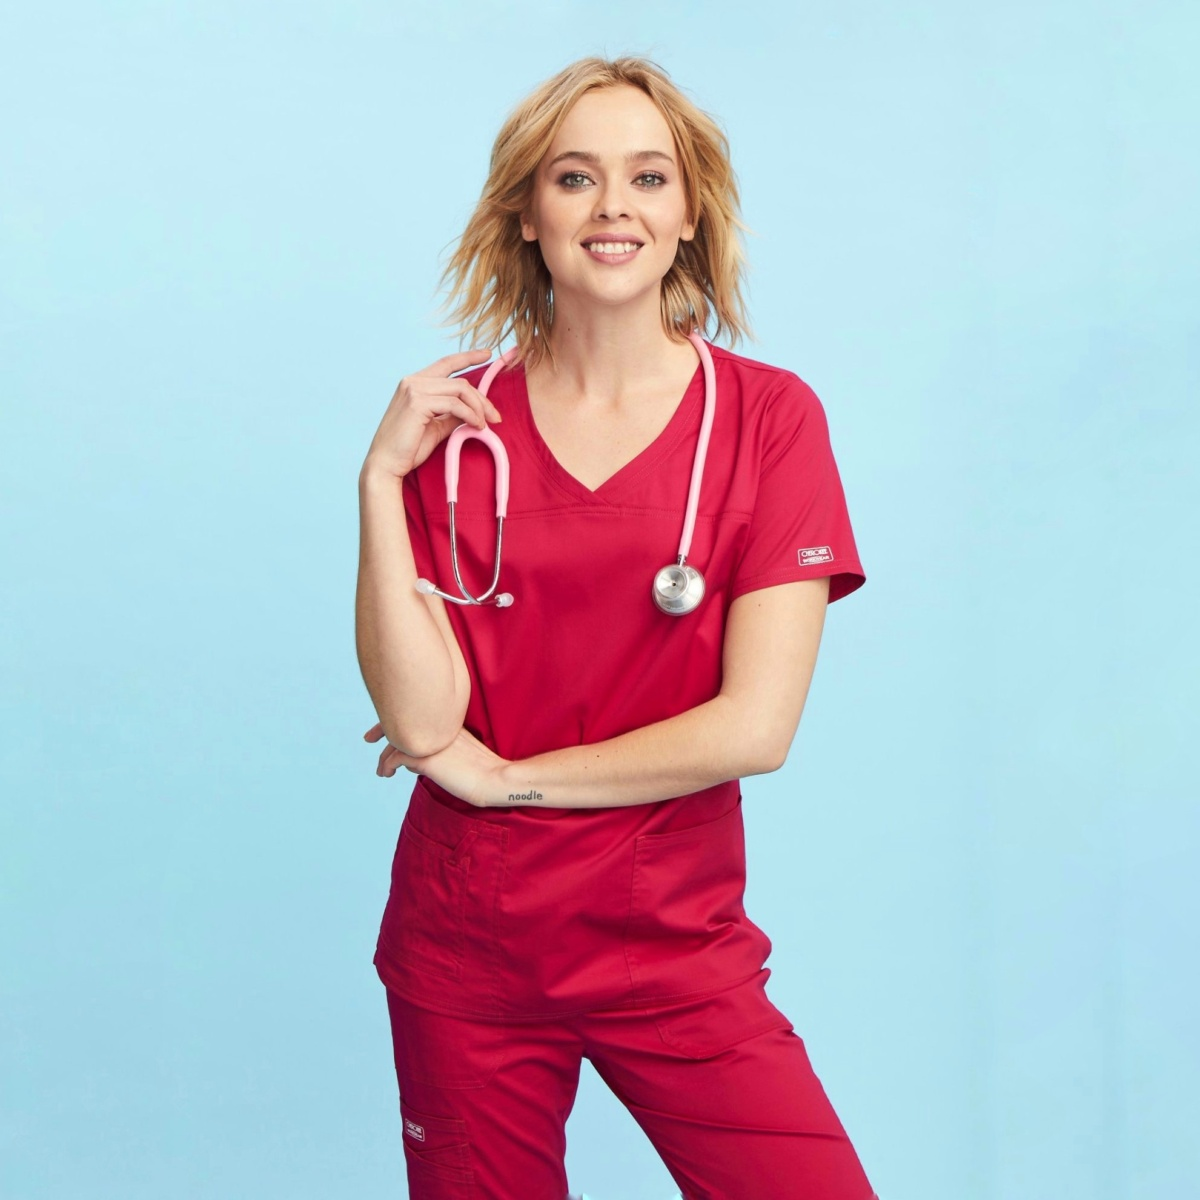 Приталенный женский медицинский костюм Core Stretch из твила цвет - красный